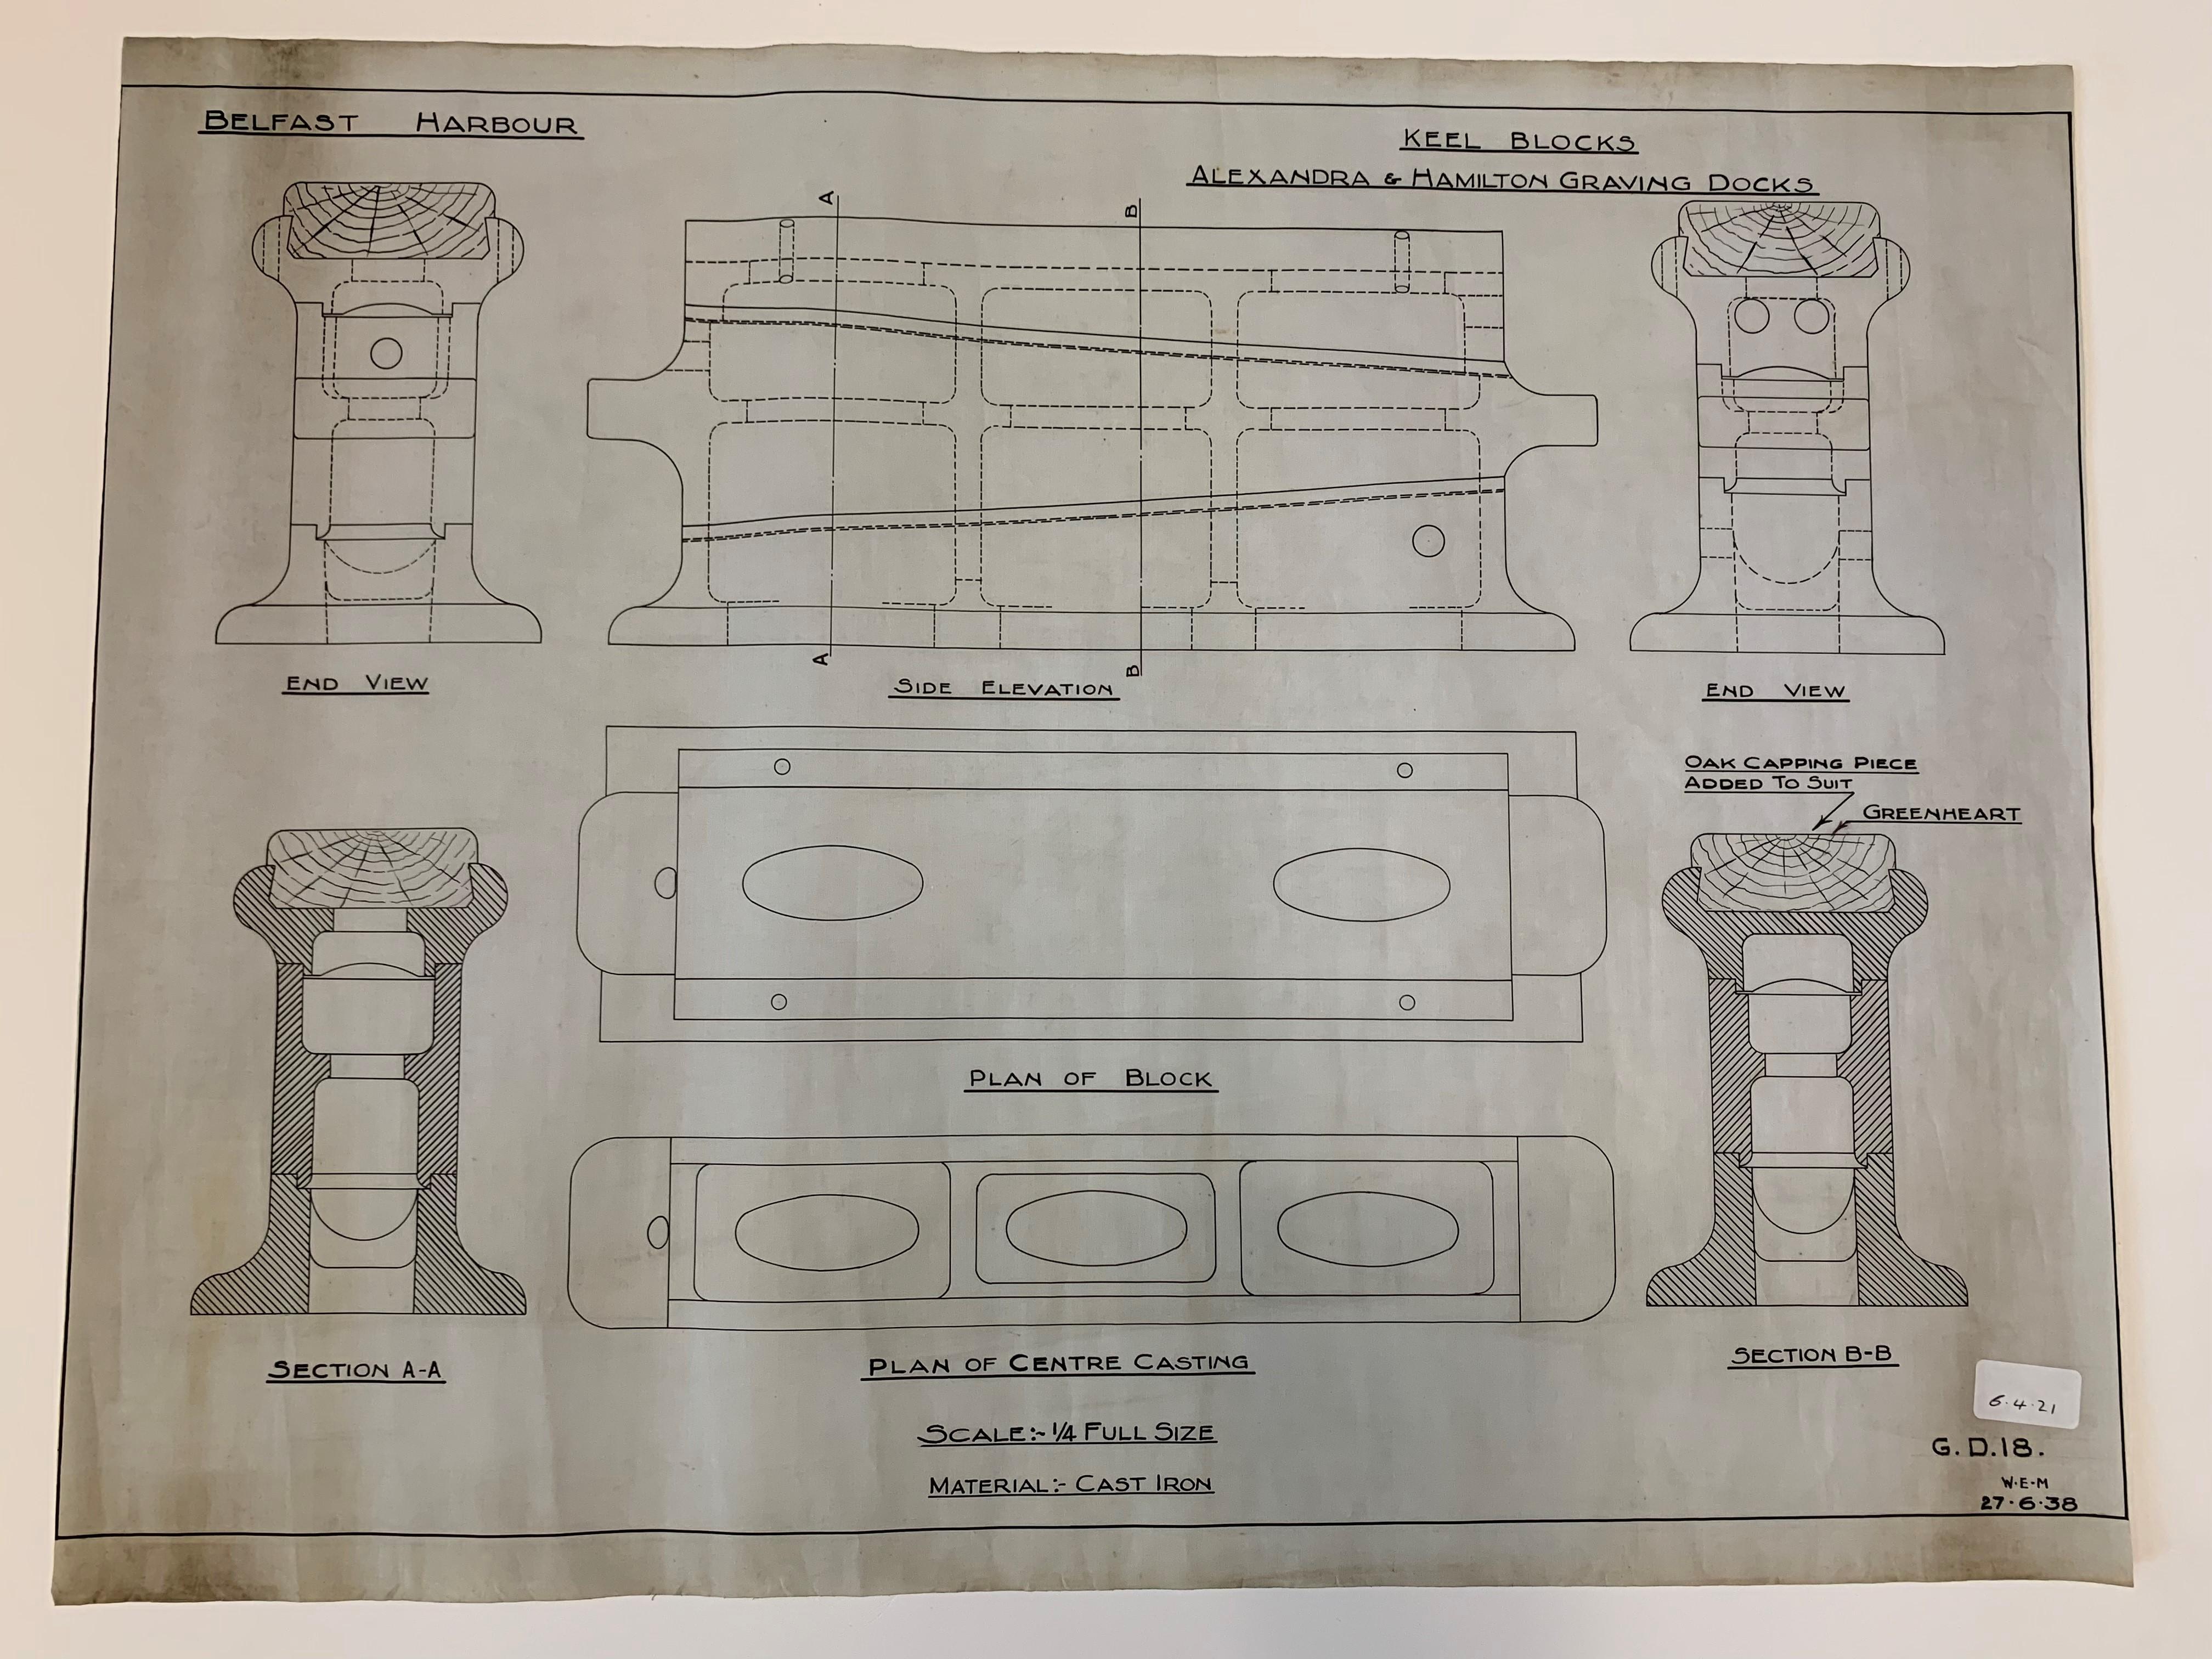 SS Nomadic - Le petit frère du Titanic - 1/200 - 3D [Conception] 50604541892_e2d2d9b879_o